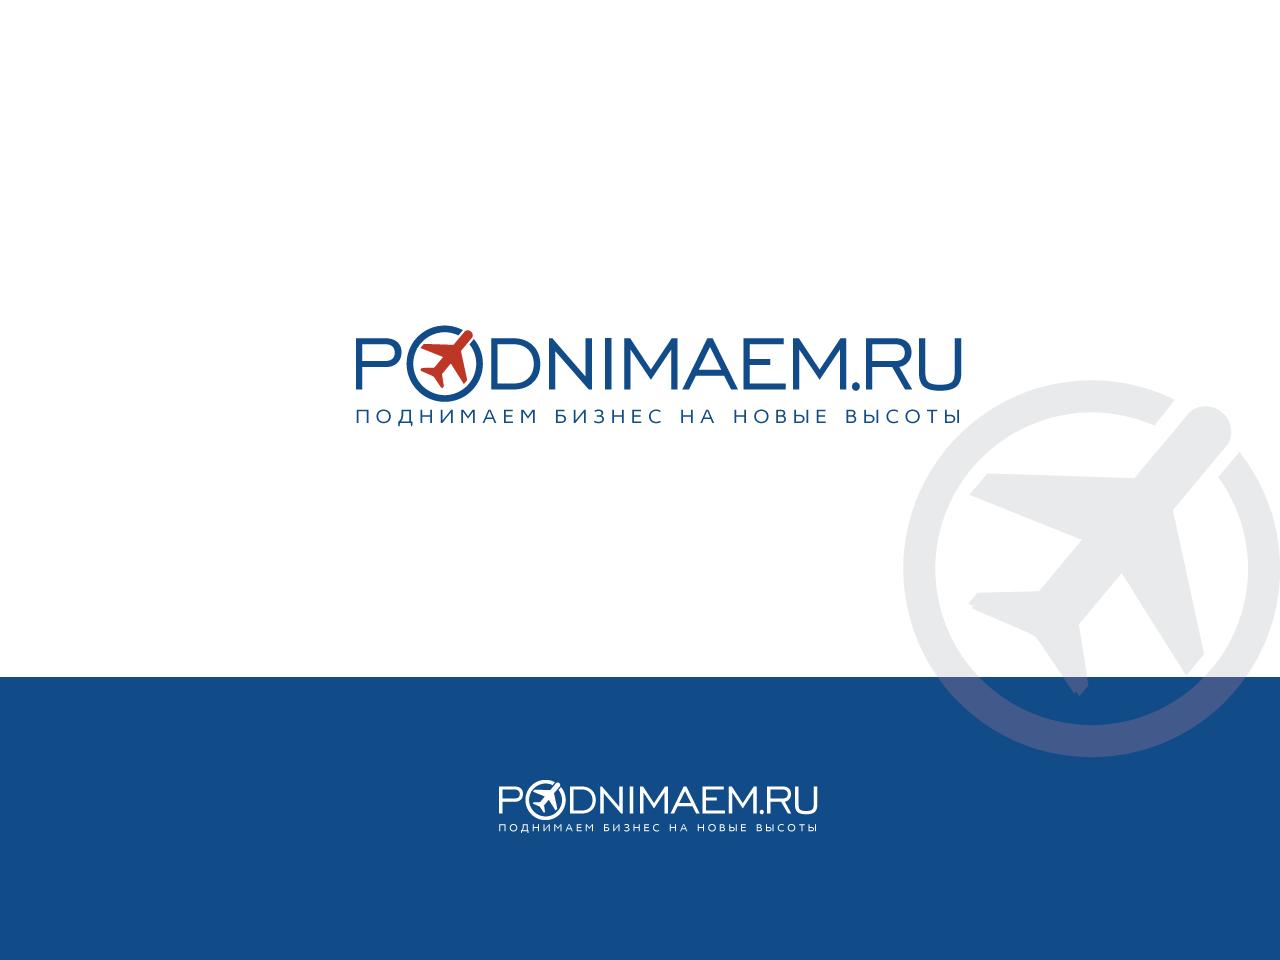 Разработать логотип + визитку + логотип для печати ООО +++ фото f_904554883e8e89cf.png